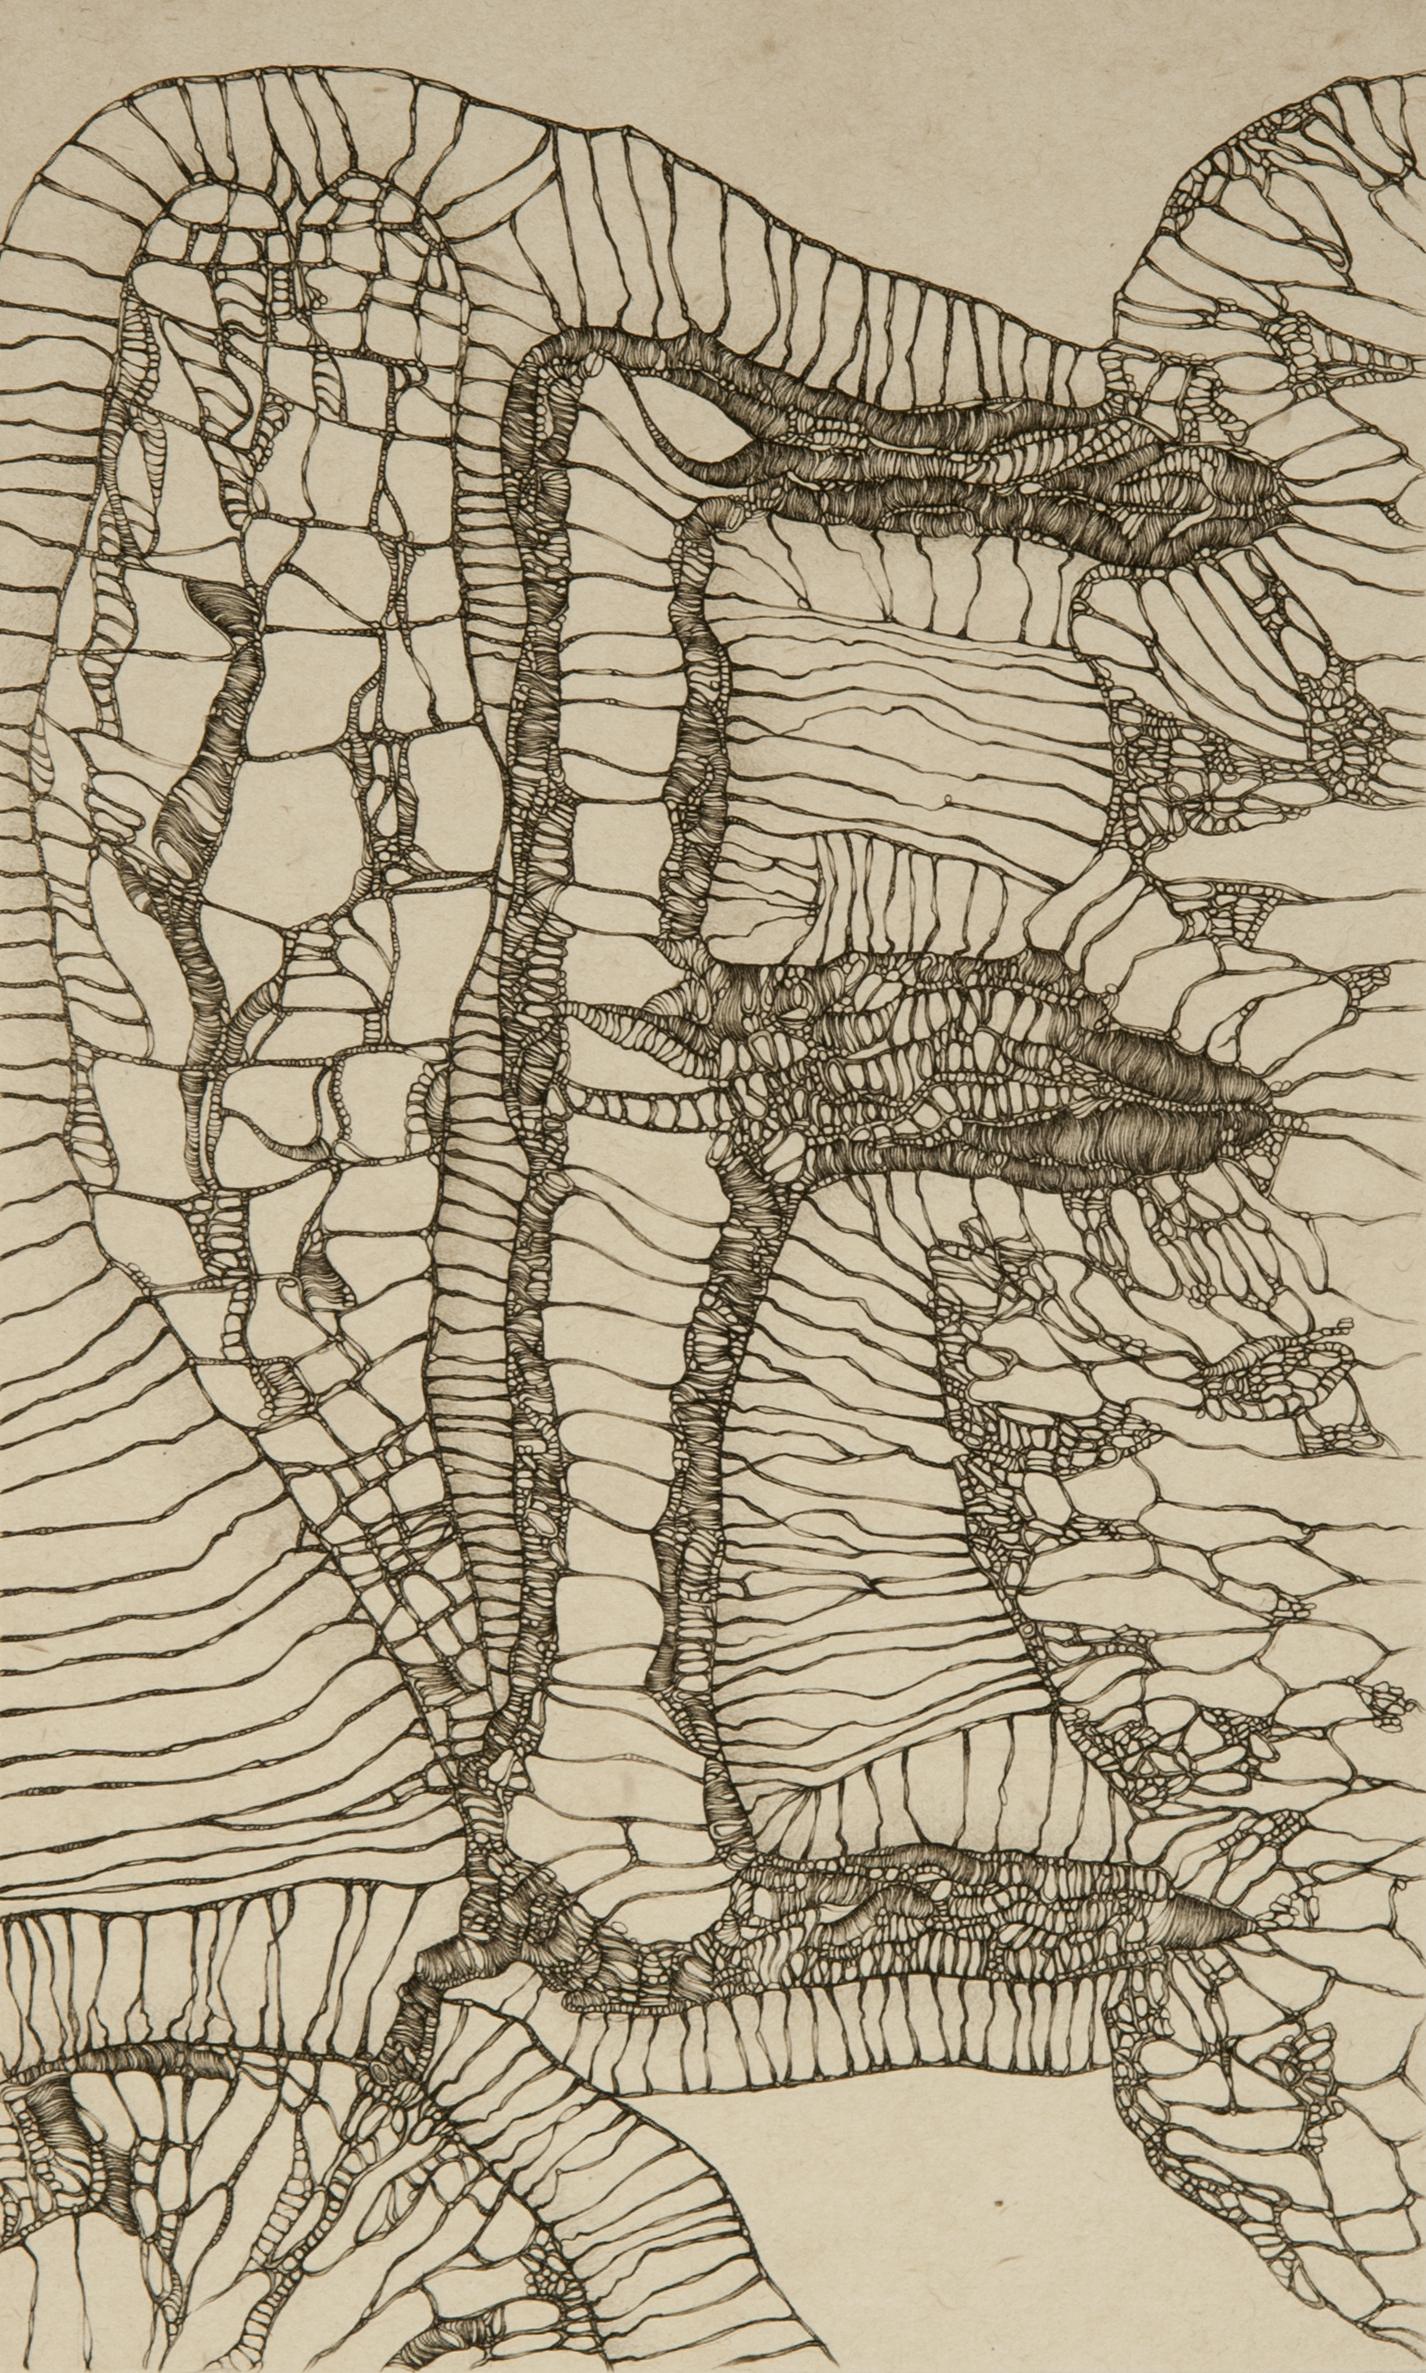 Cécile Reims, Hans le hérisson, d'après Fred Deux, 1972 Epreuve sur papier vélin d'Arches, 26,6 x 16